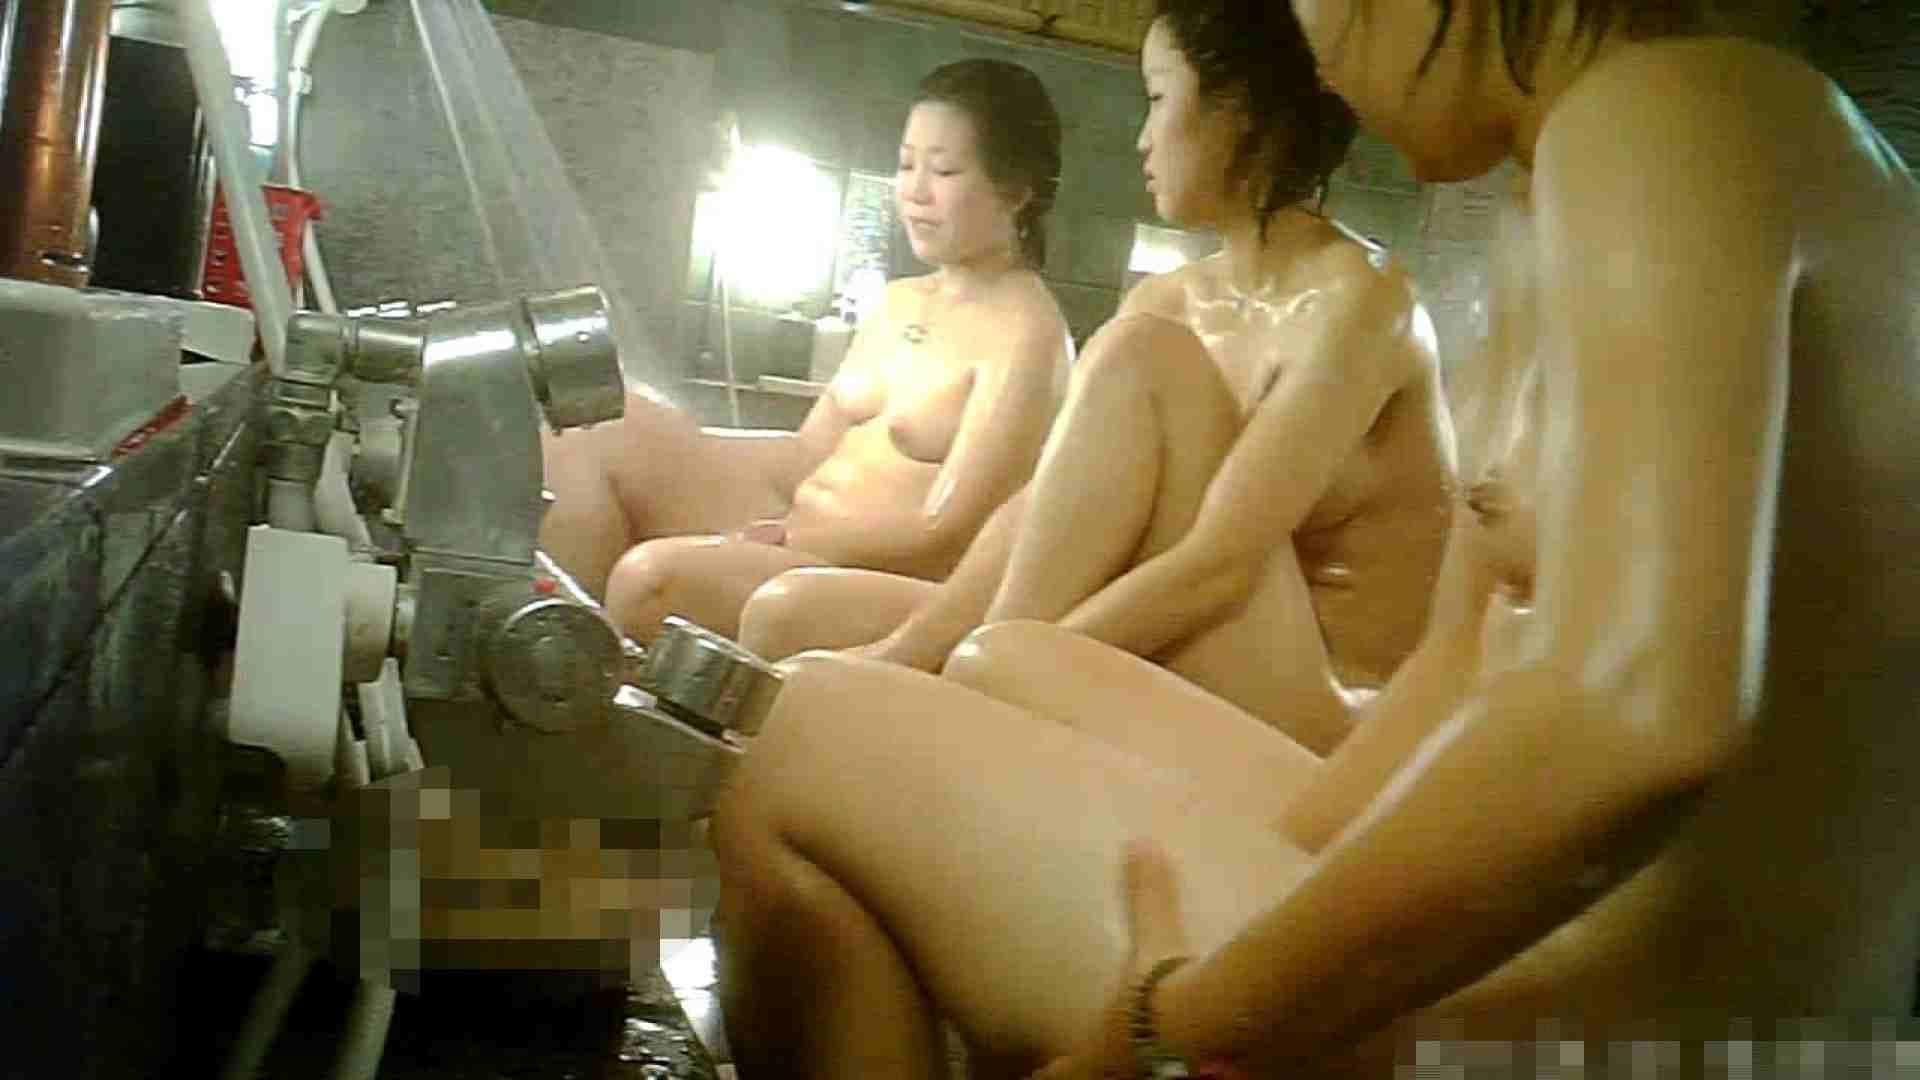 手を染めてしまった女性盗撮師の女風呂潜入記 vol.006 銭湯 ヌード画像 100PIX 77